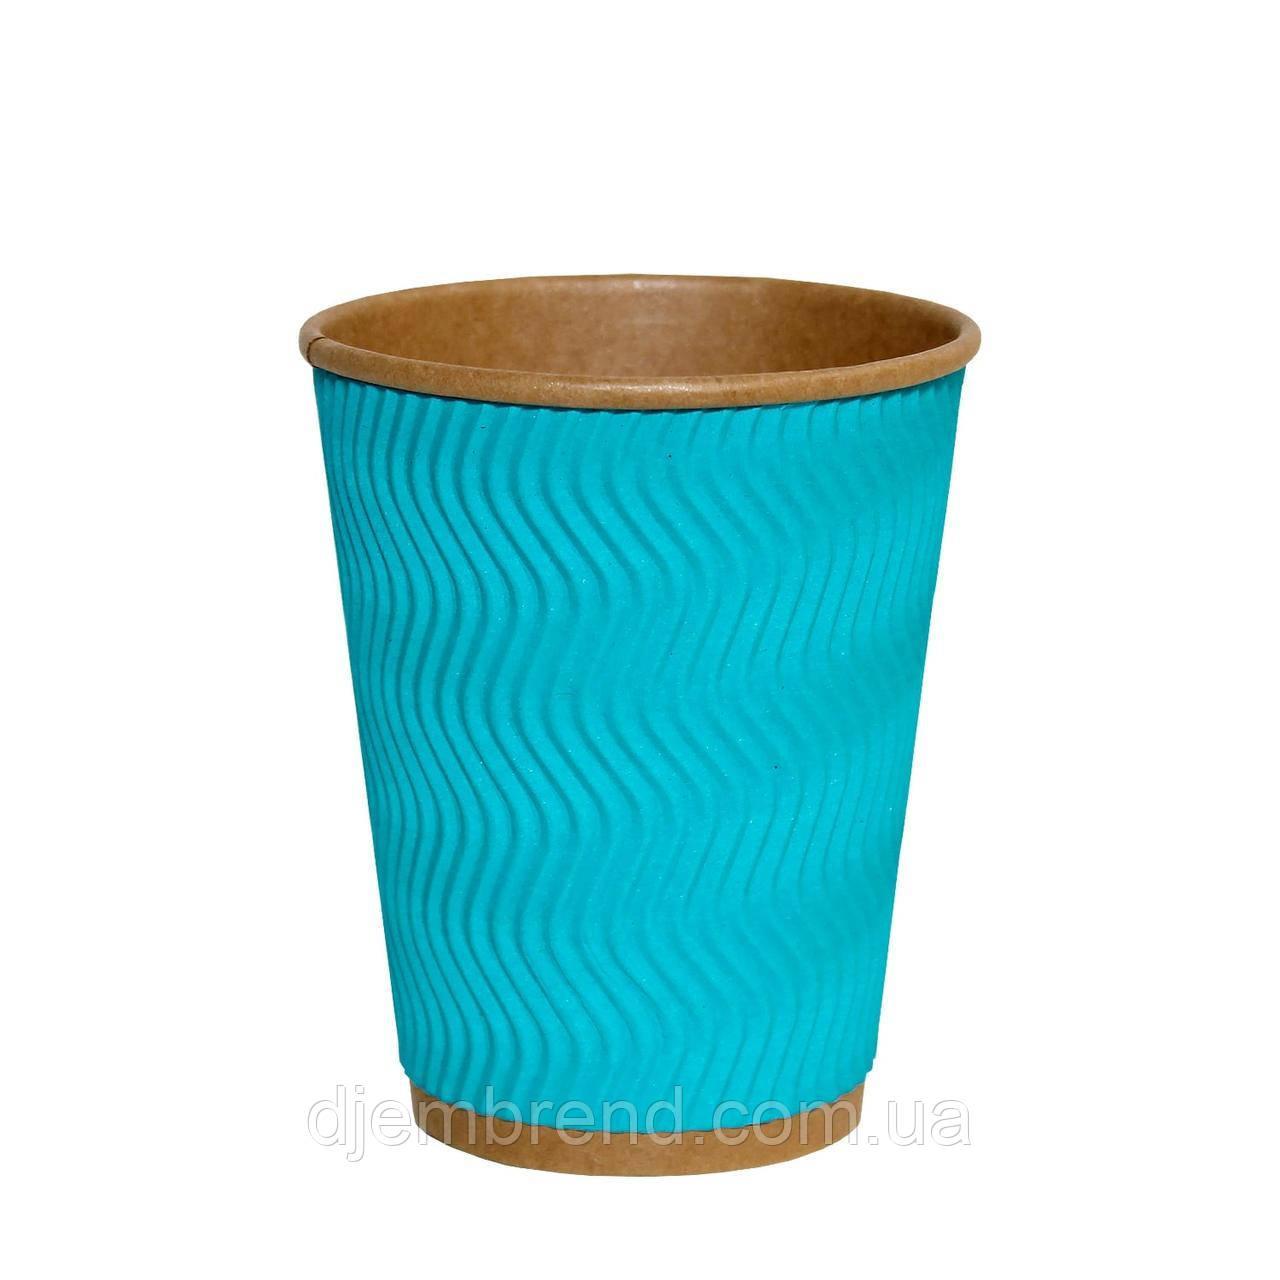 Стакан бумажный гофрированный Голубой волна 180 мл 30шт/уп КР 72